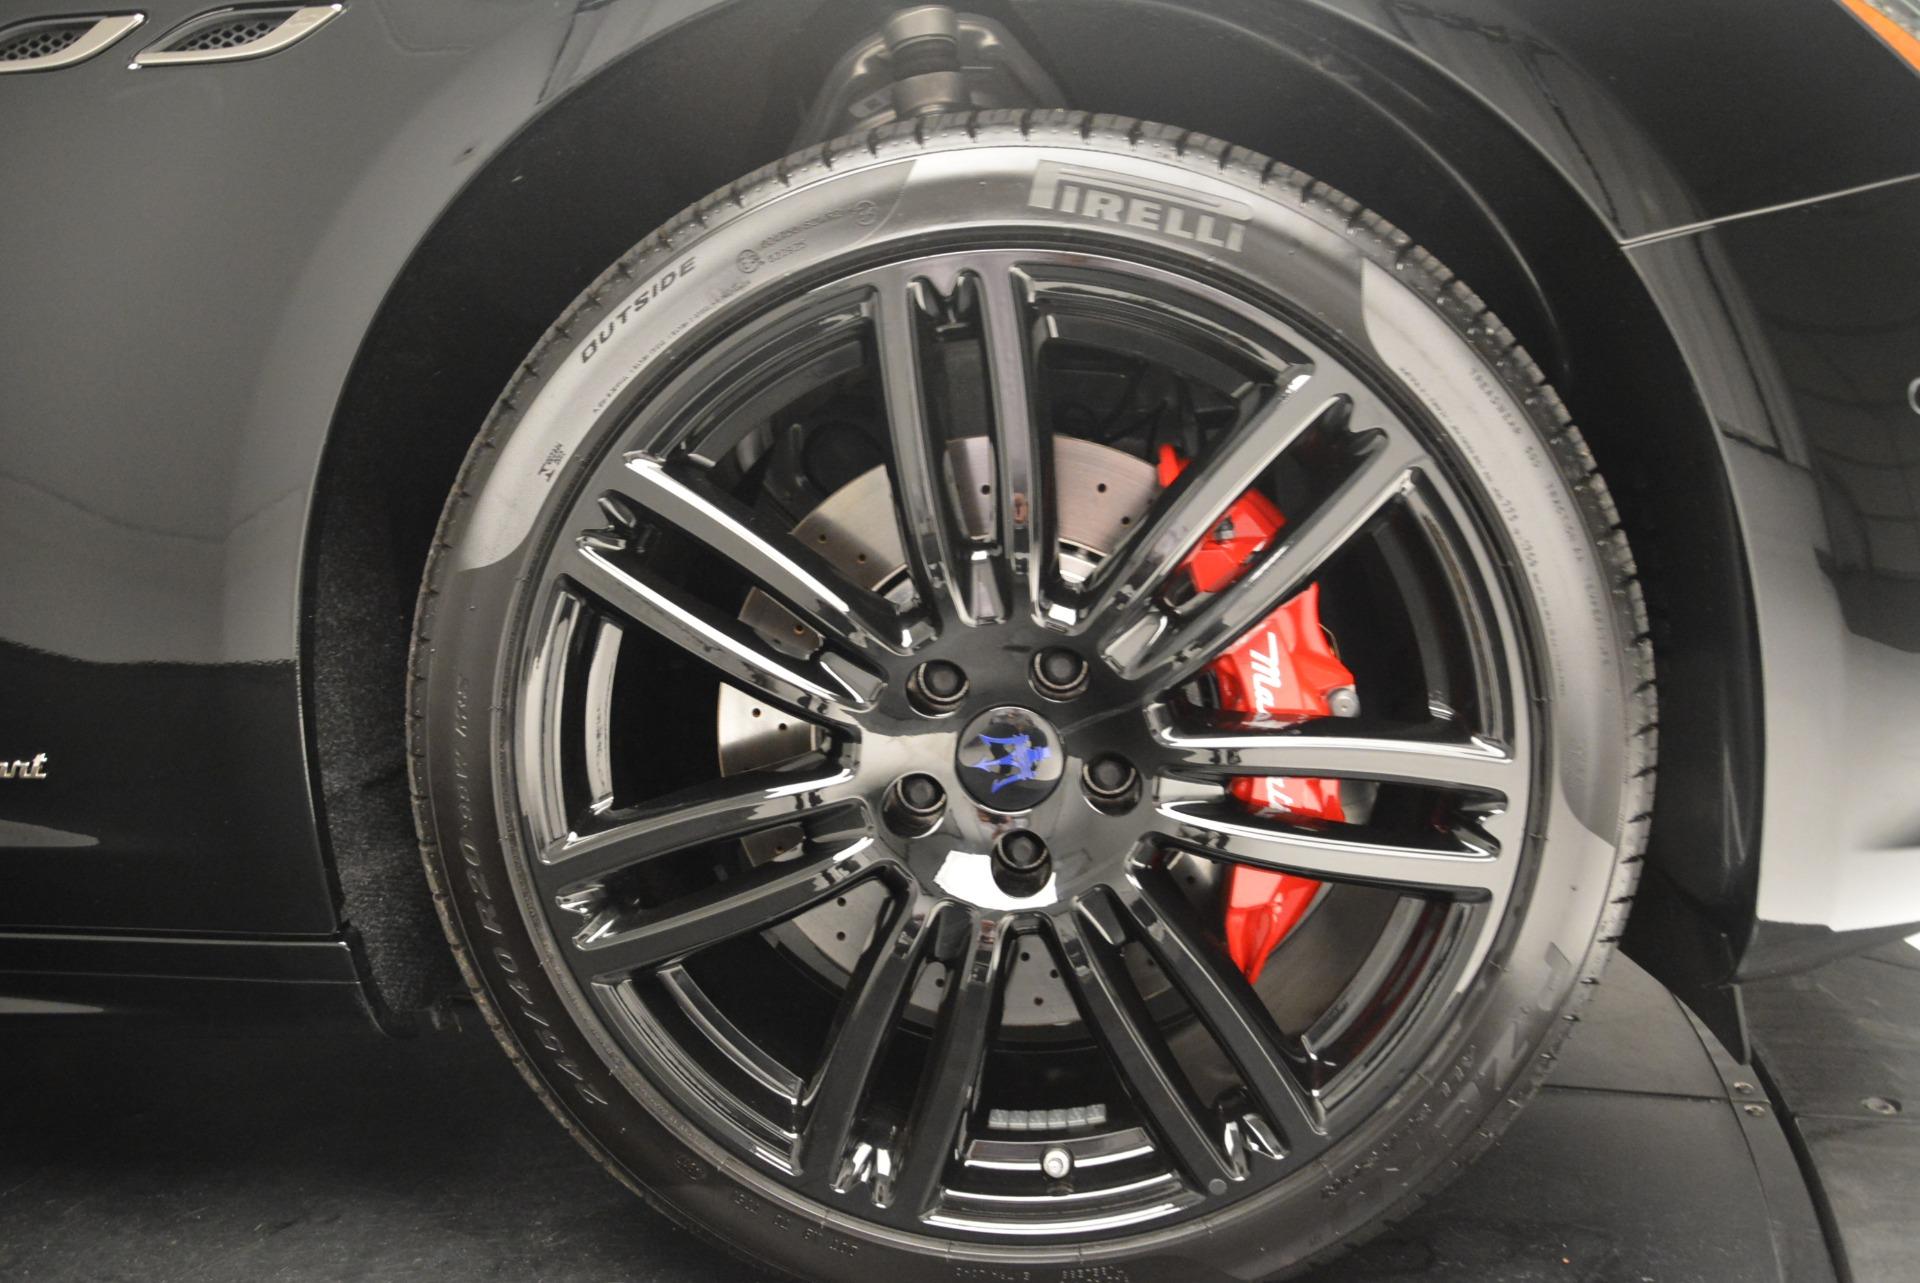 New 2018 Maserati Ghibli SQ4 GranSport Nerissimo For Sale In Greenwich, CT 2278_p25